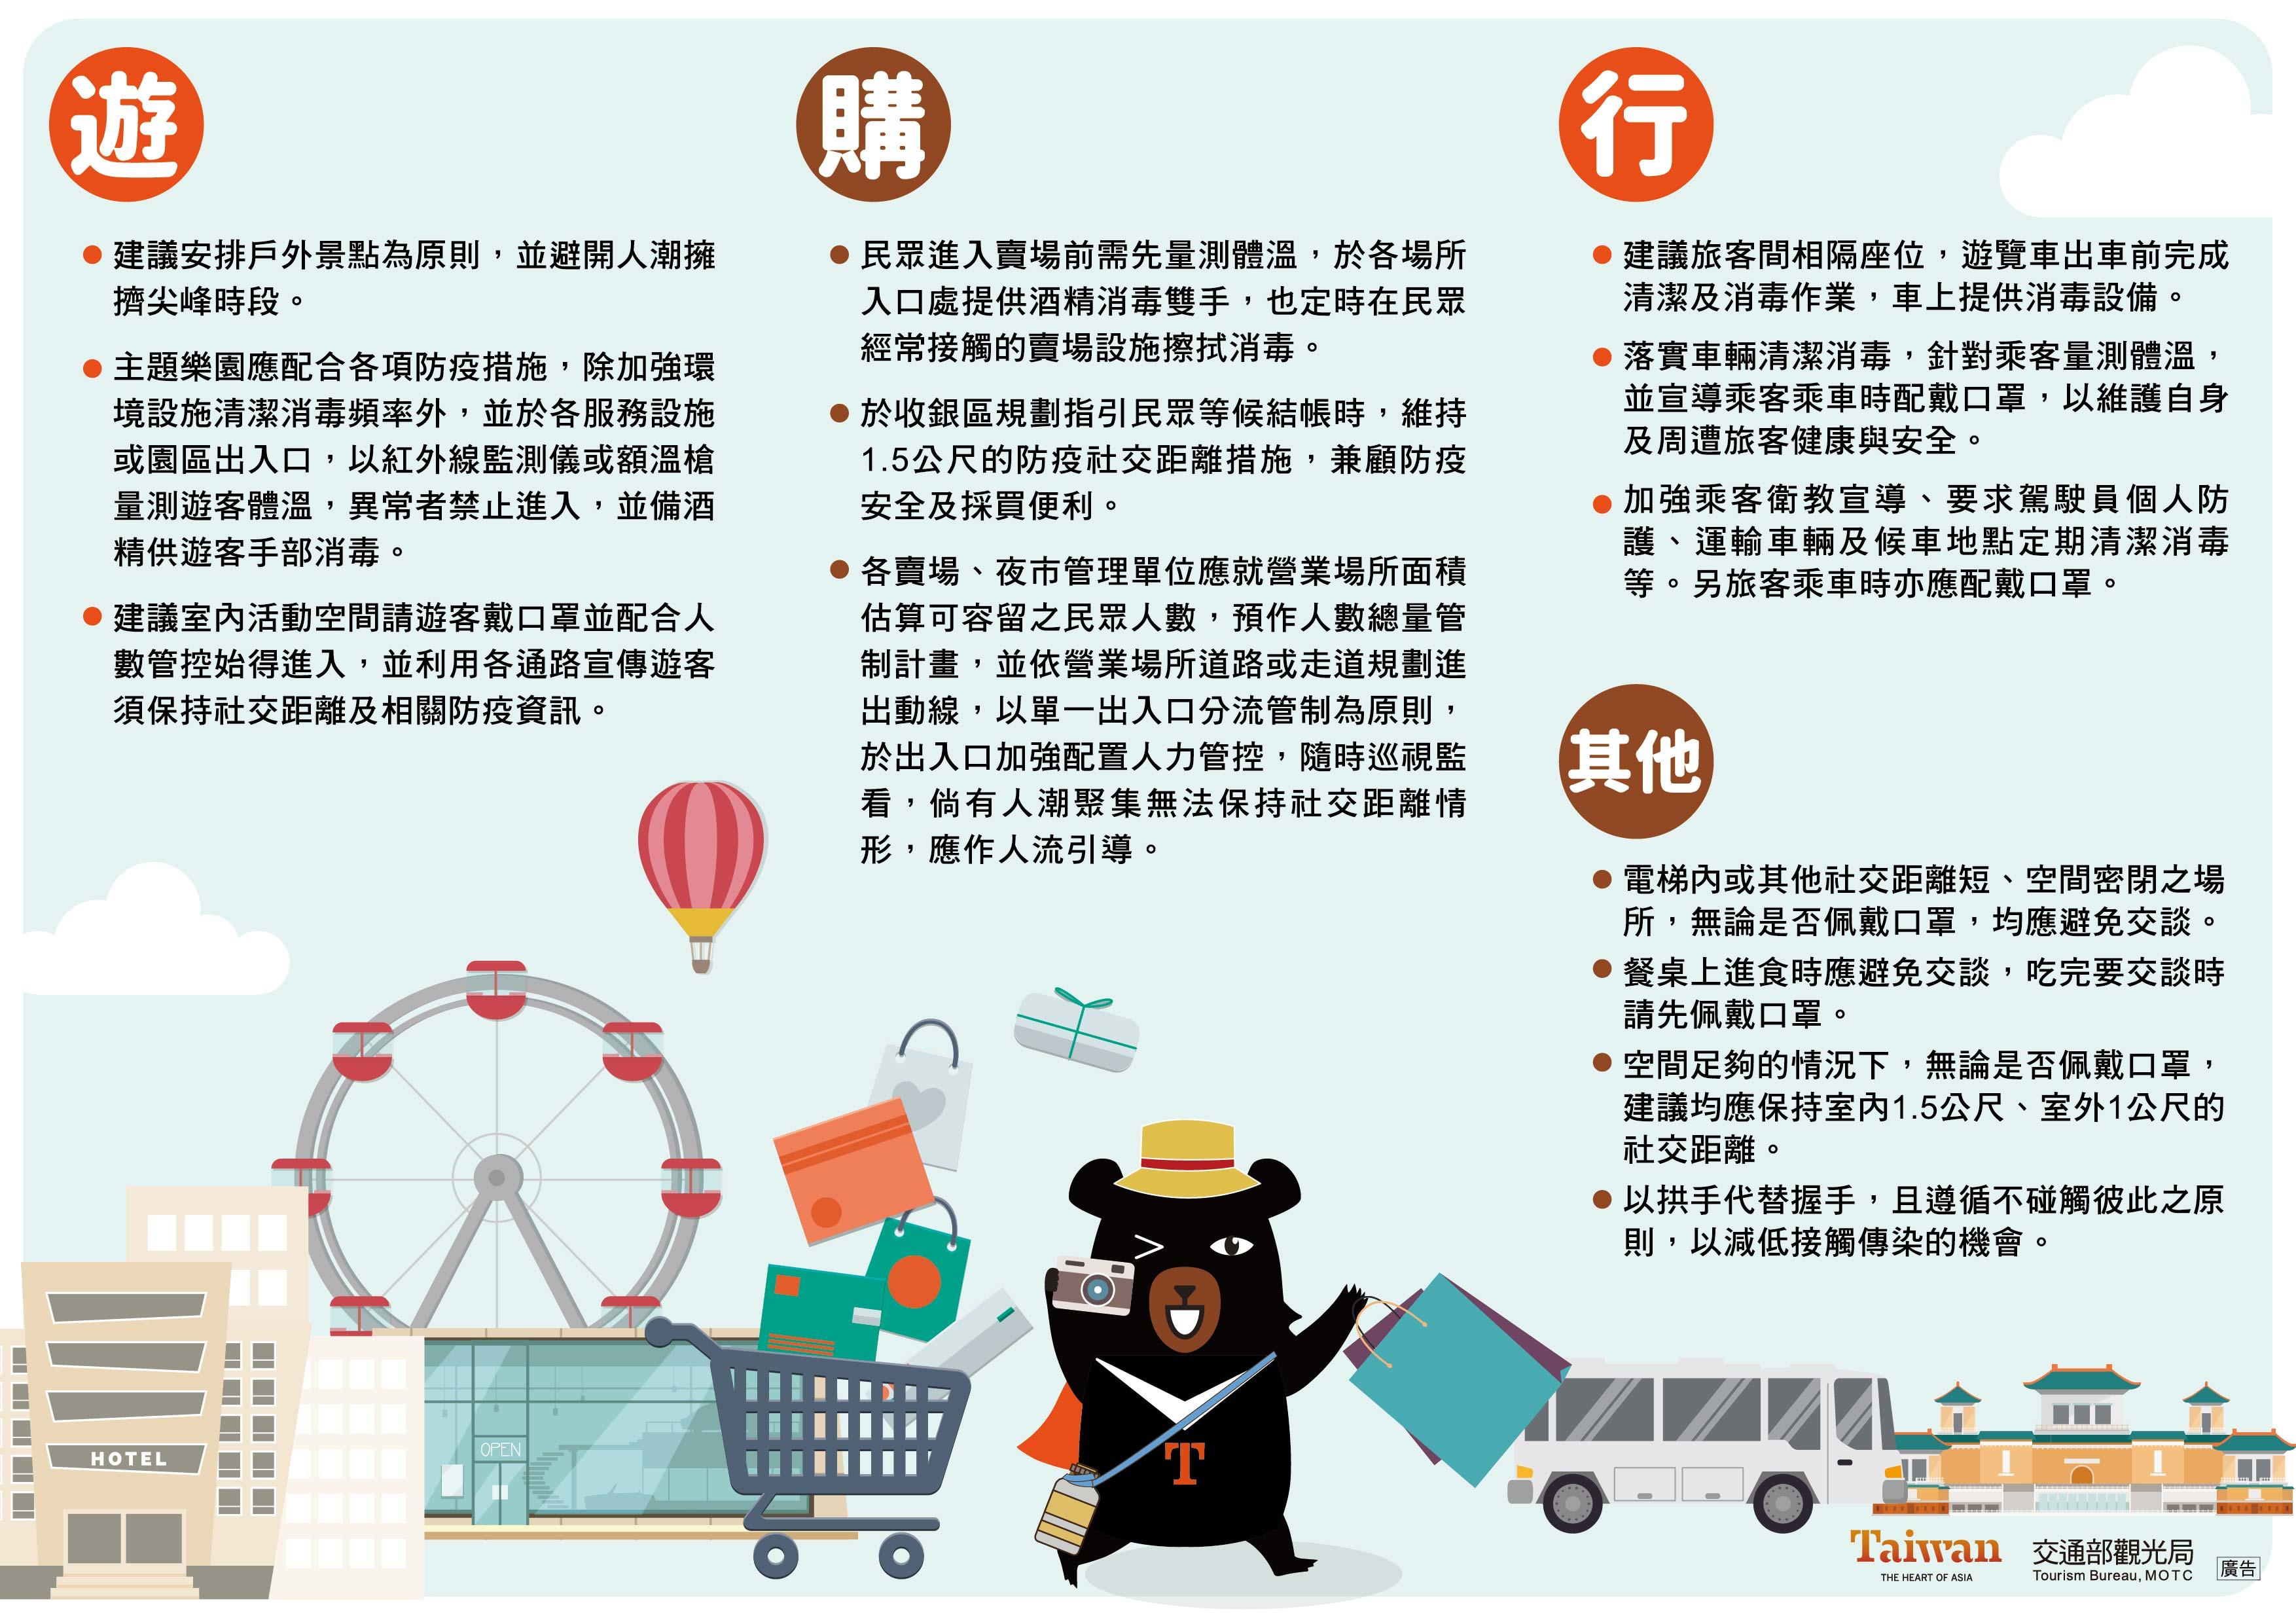 交通部觀光局-防疫旅遊參考守則 – 臺灣旅遊交流協會